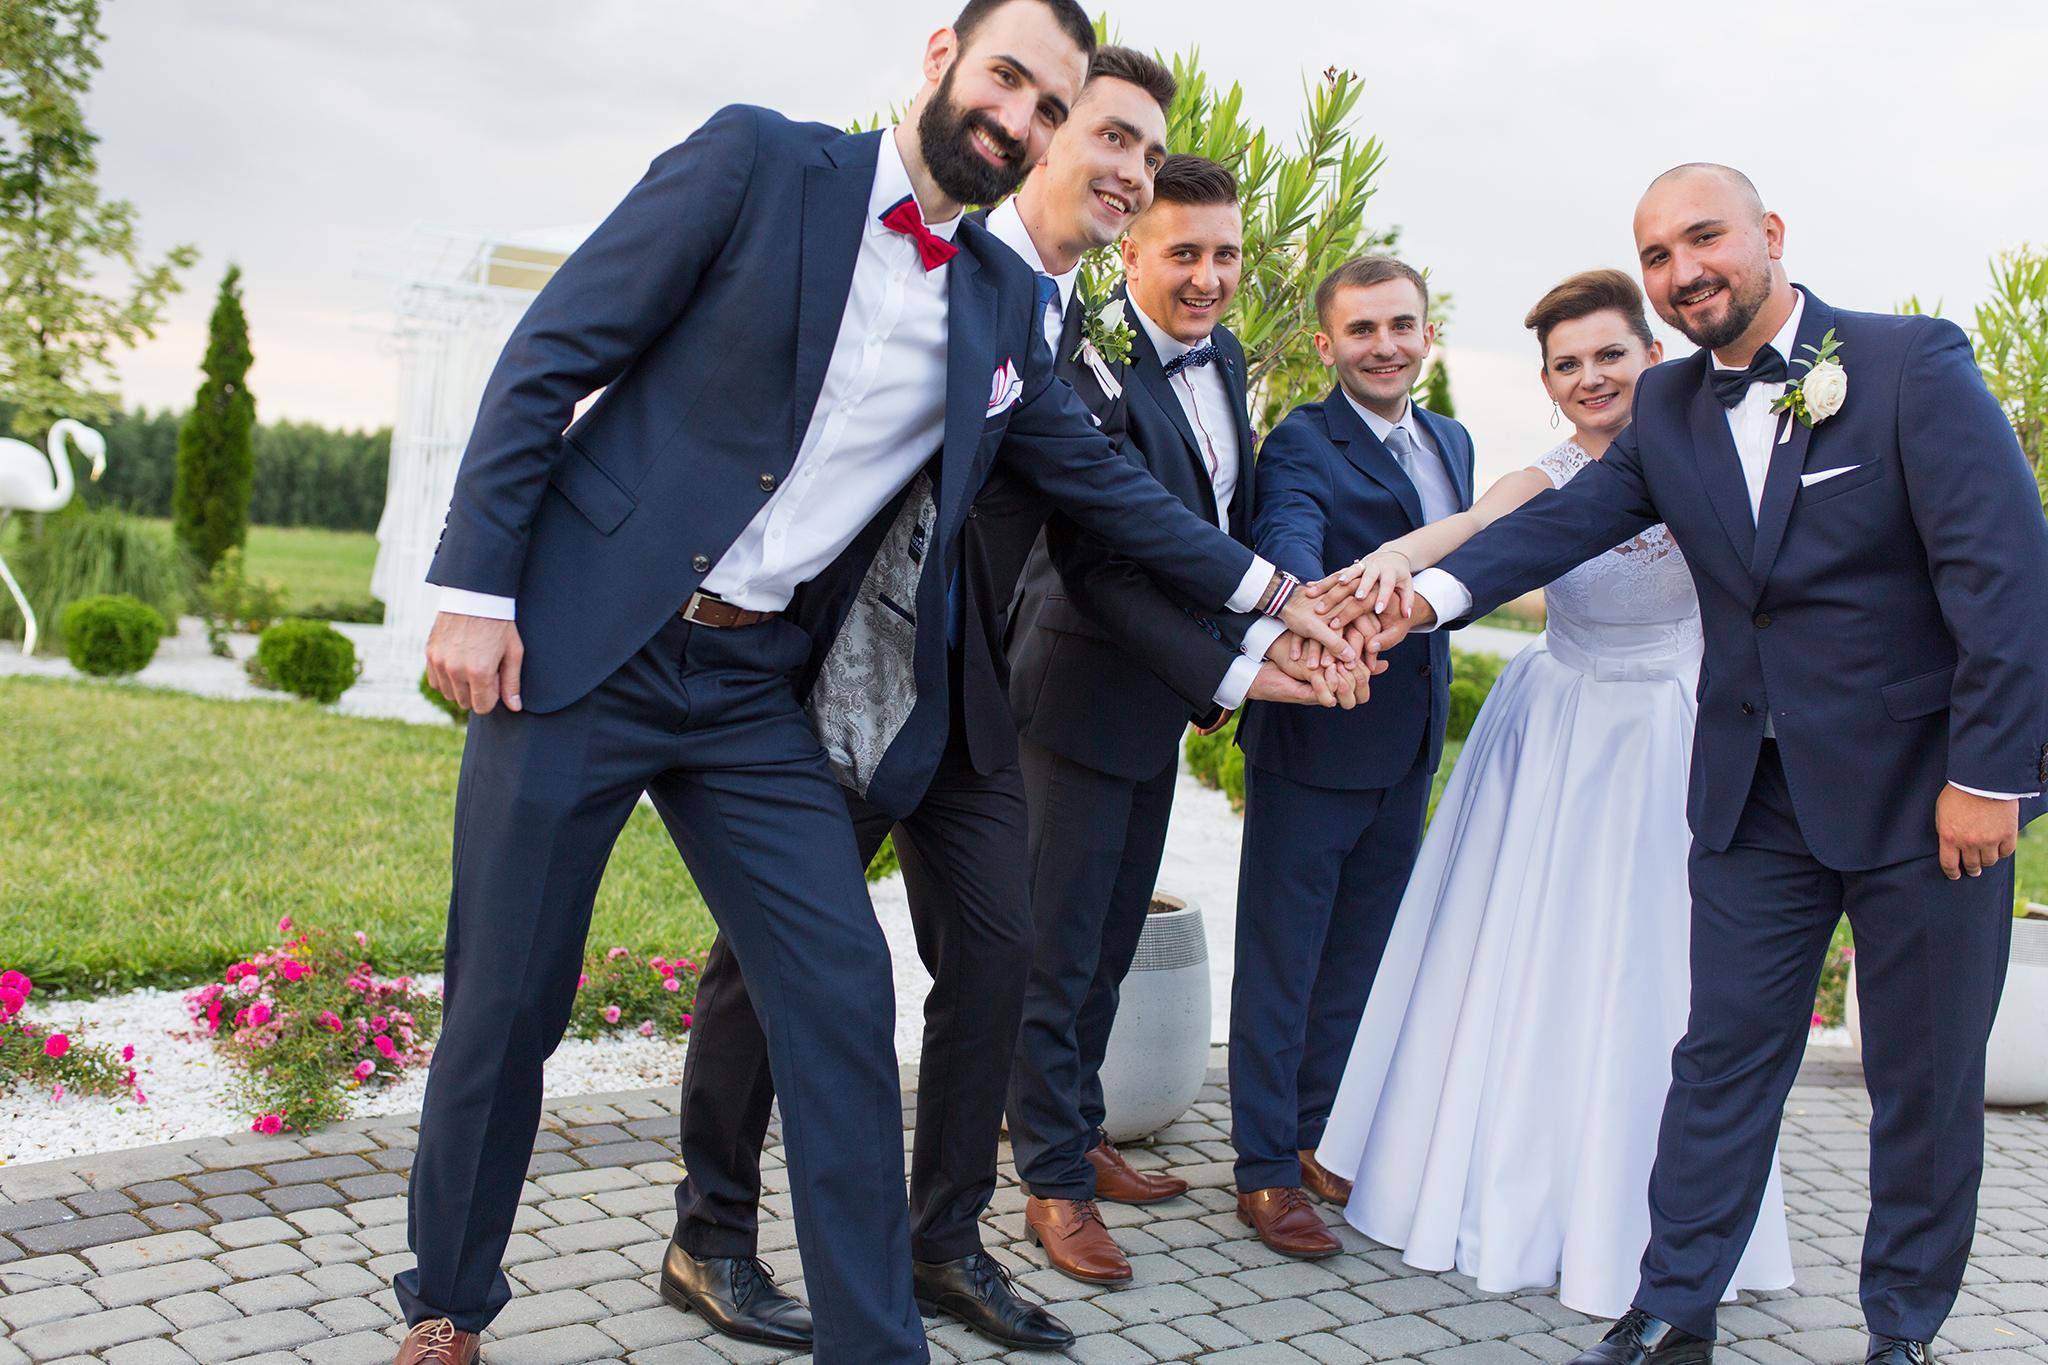 Reportaże ślubne, sesje ślubne plenerowe na terenie całej Polski i zagranicą. Fotografia ślubna Kraków i okolice. Zdjęcia na ślubie i weselu.